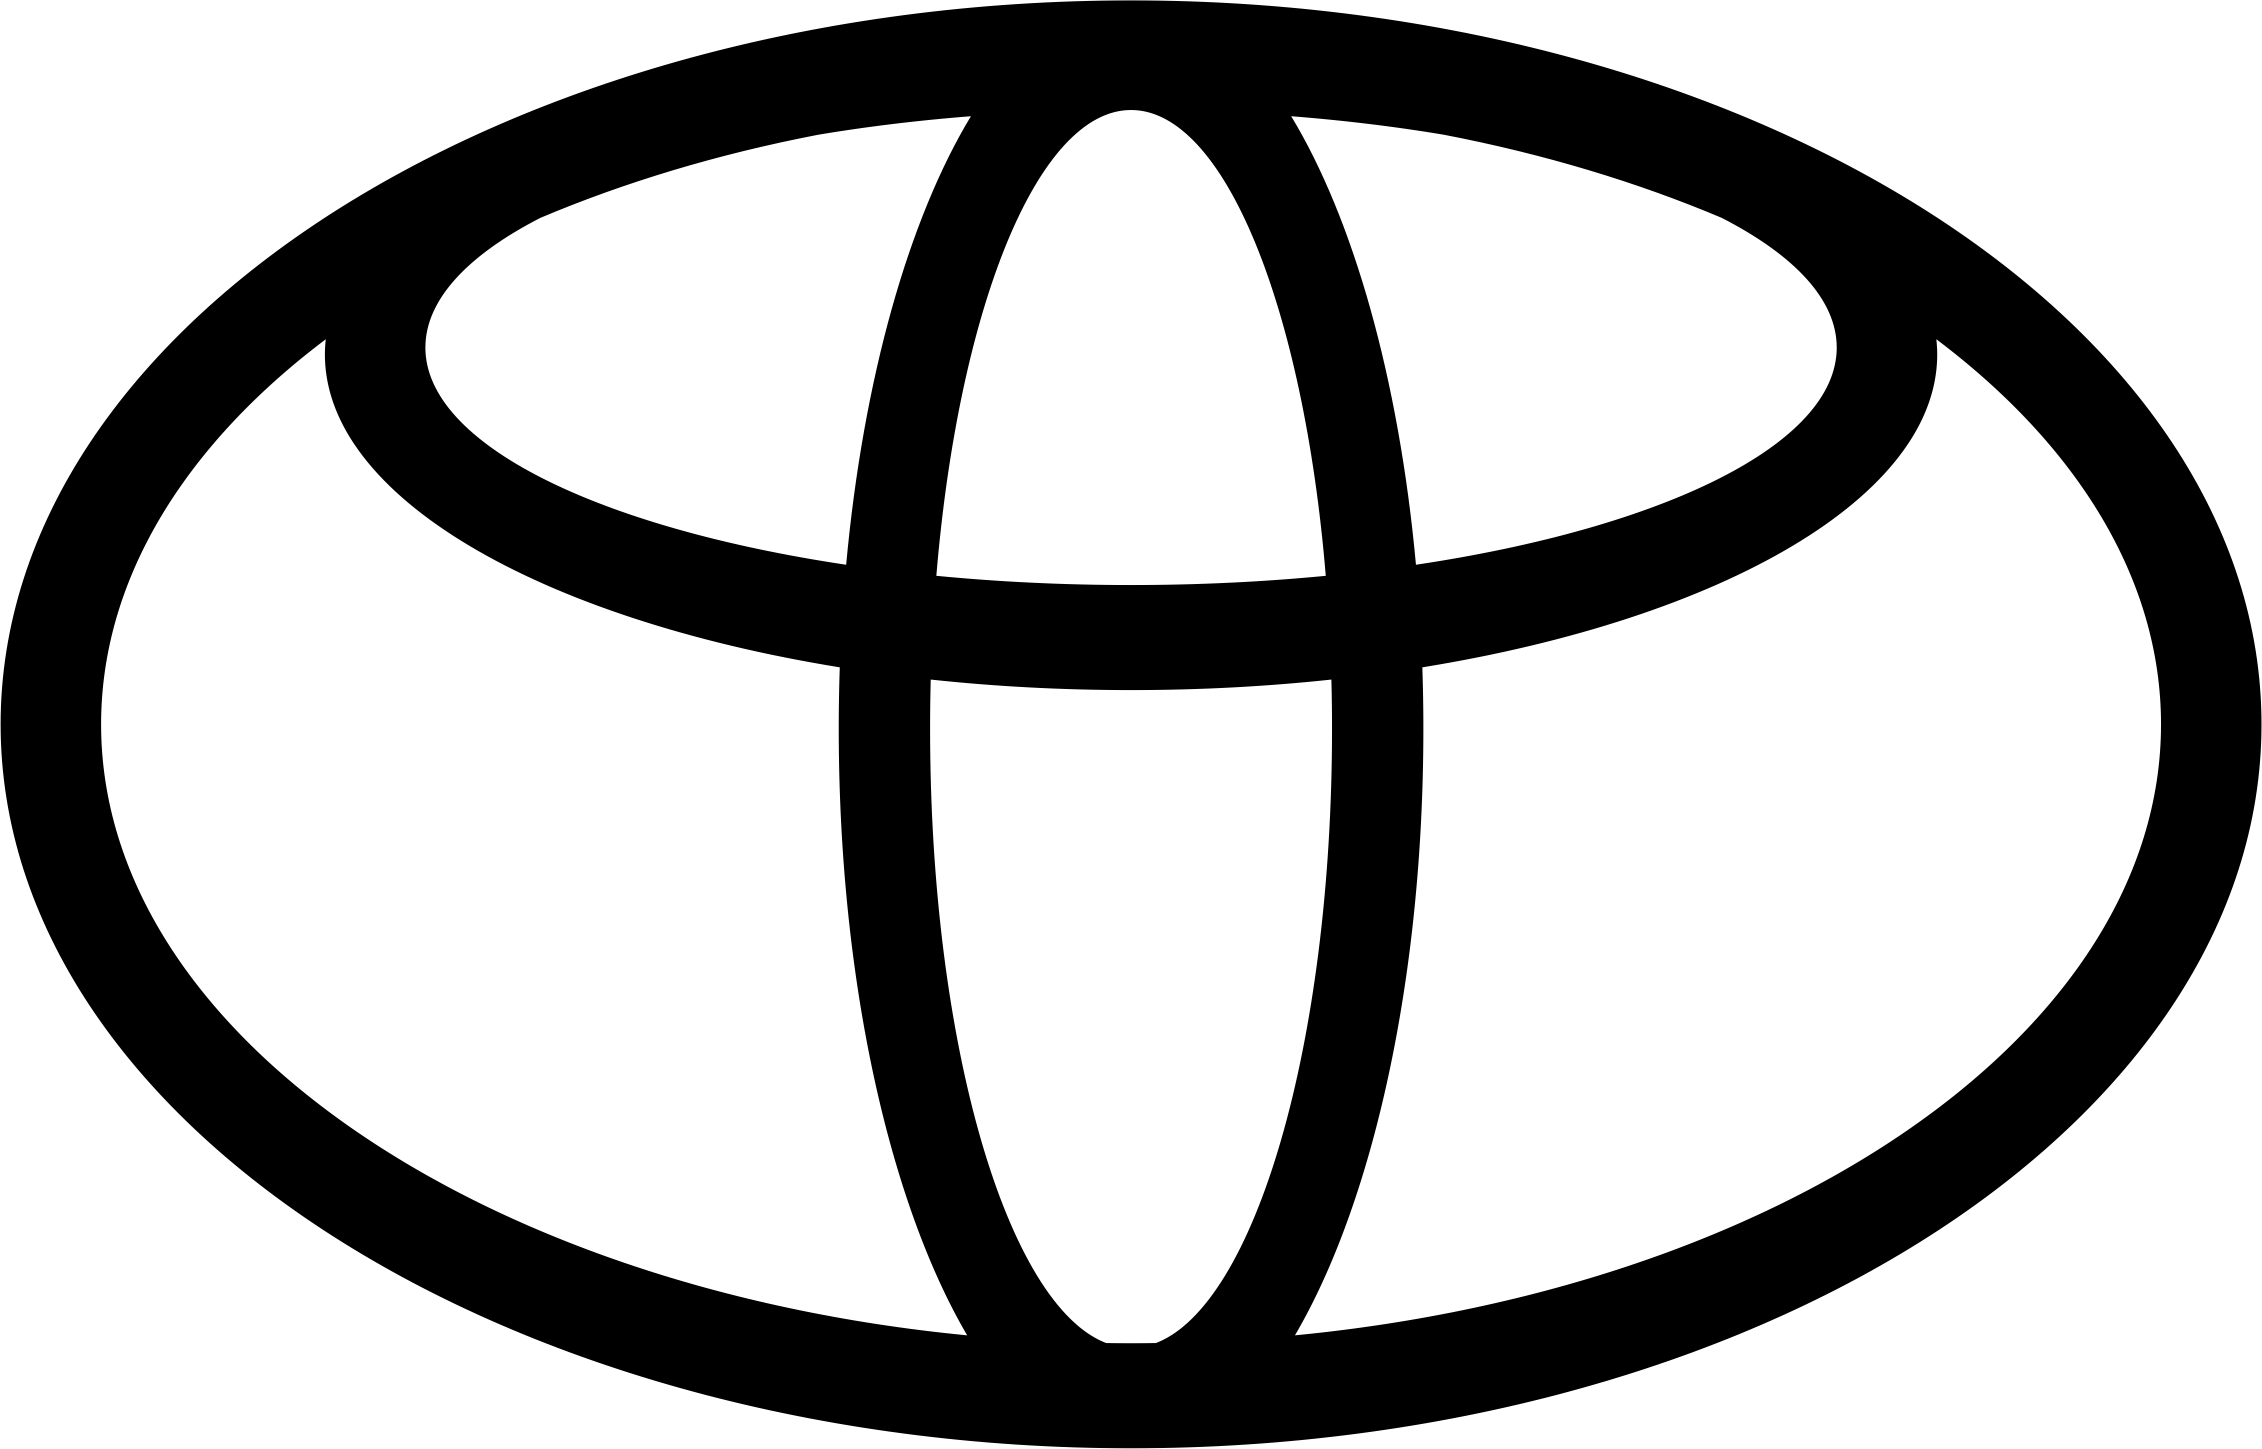 toyota logo vector awesome graphic library u2022 rh myifan io Vector Logos Vector Art Logos